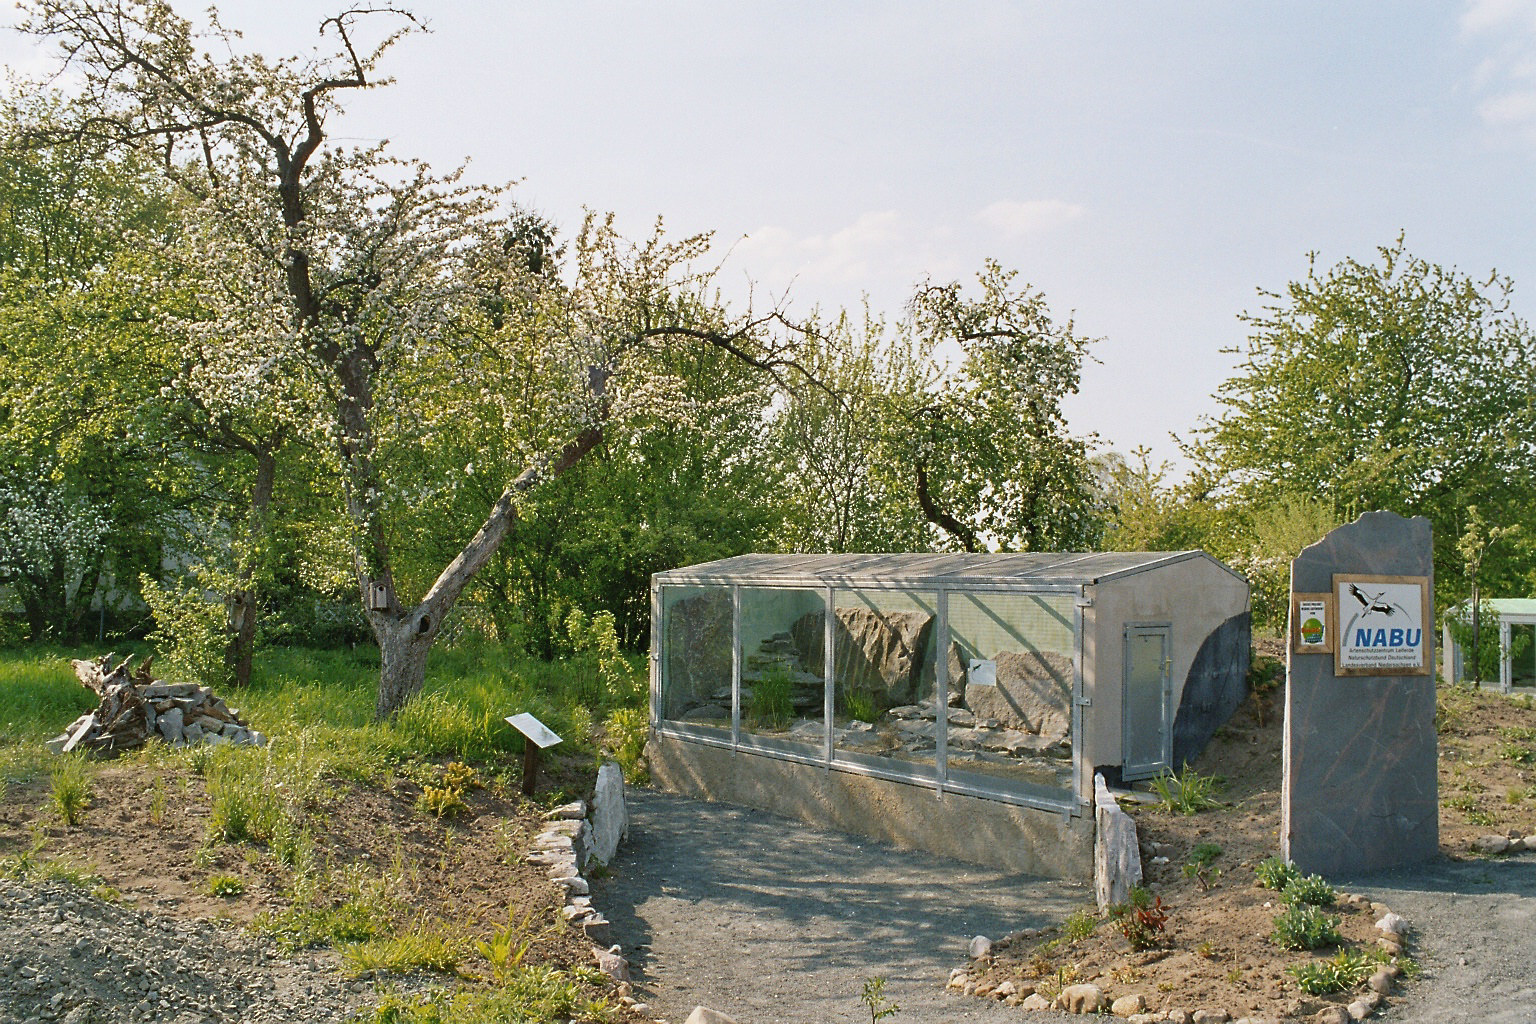 Freilandterrarium für wechselnde Reptilien, z.Zt. Riesenschlangen